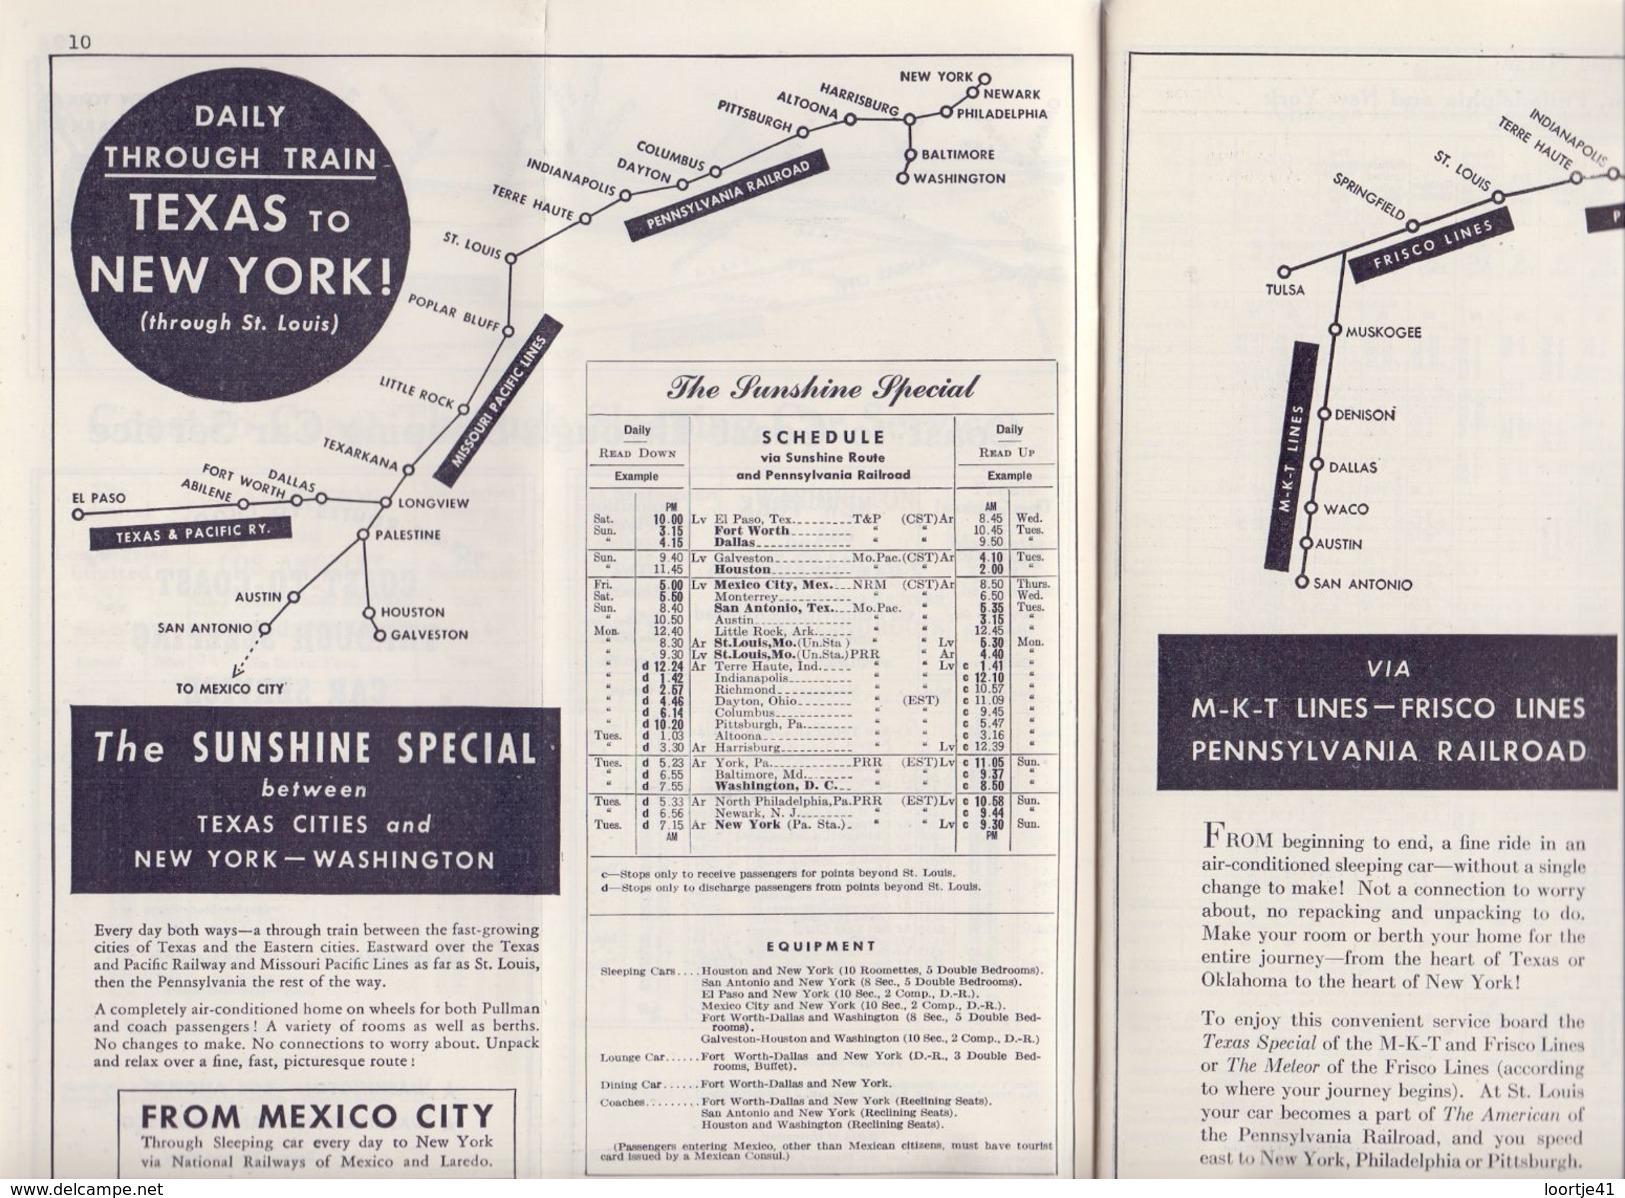 Tourisme - Timetables Schedules Dienstregeling  - Trains Treinen Pennsylvania Railroad 1947 - World